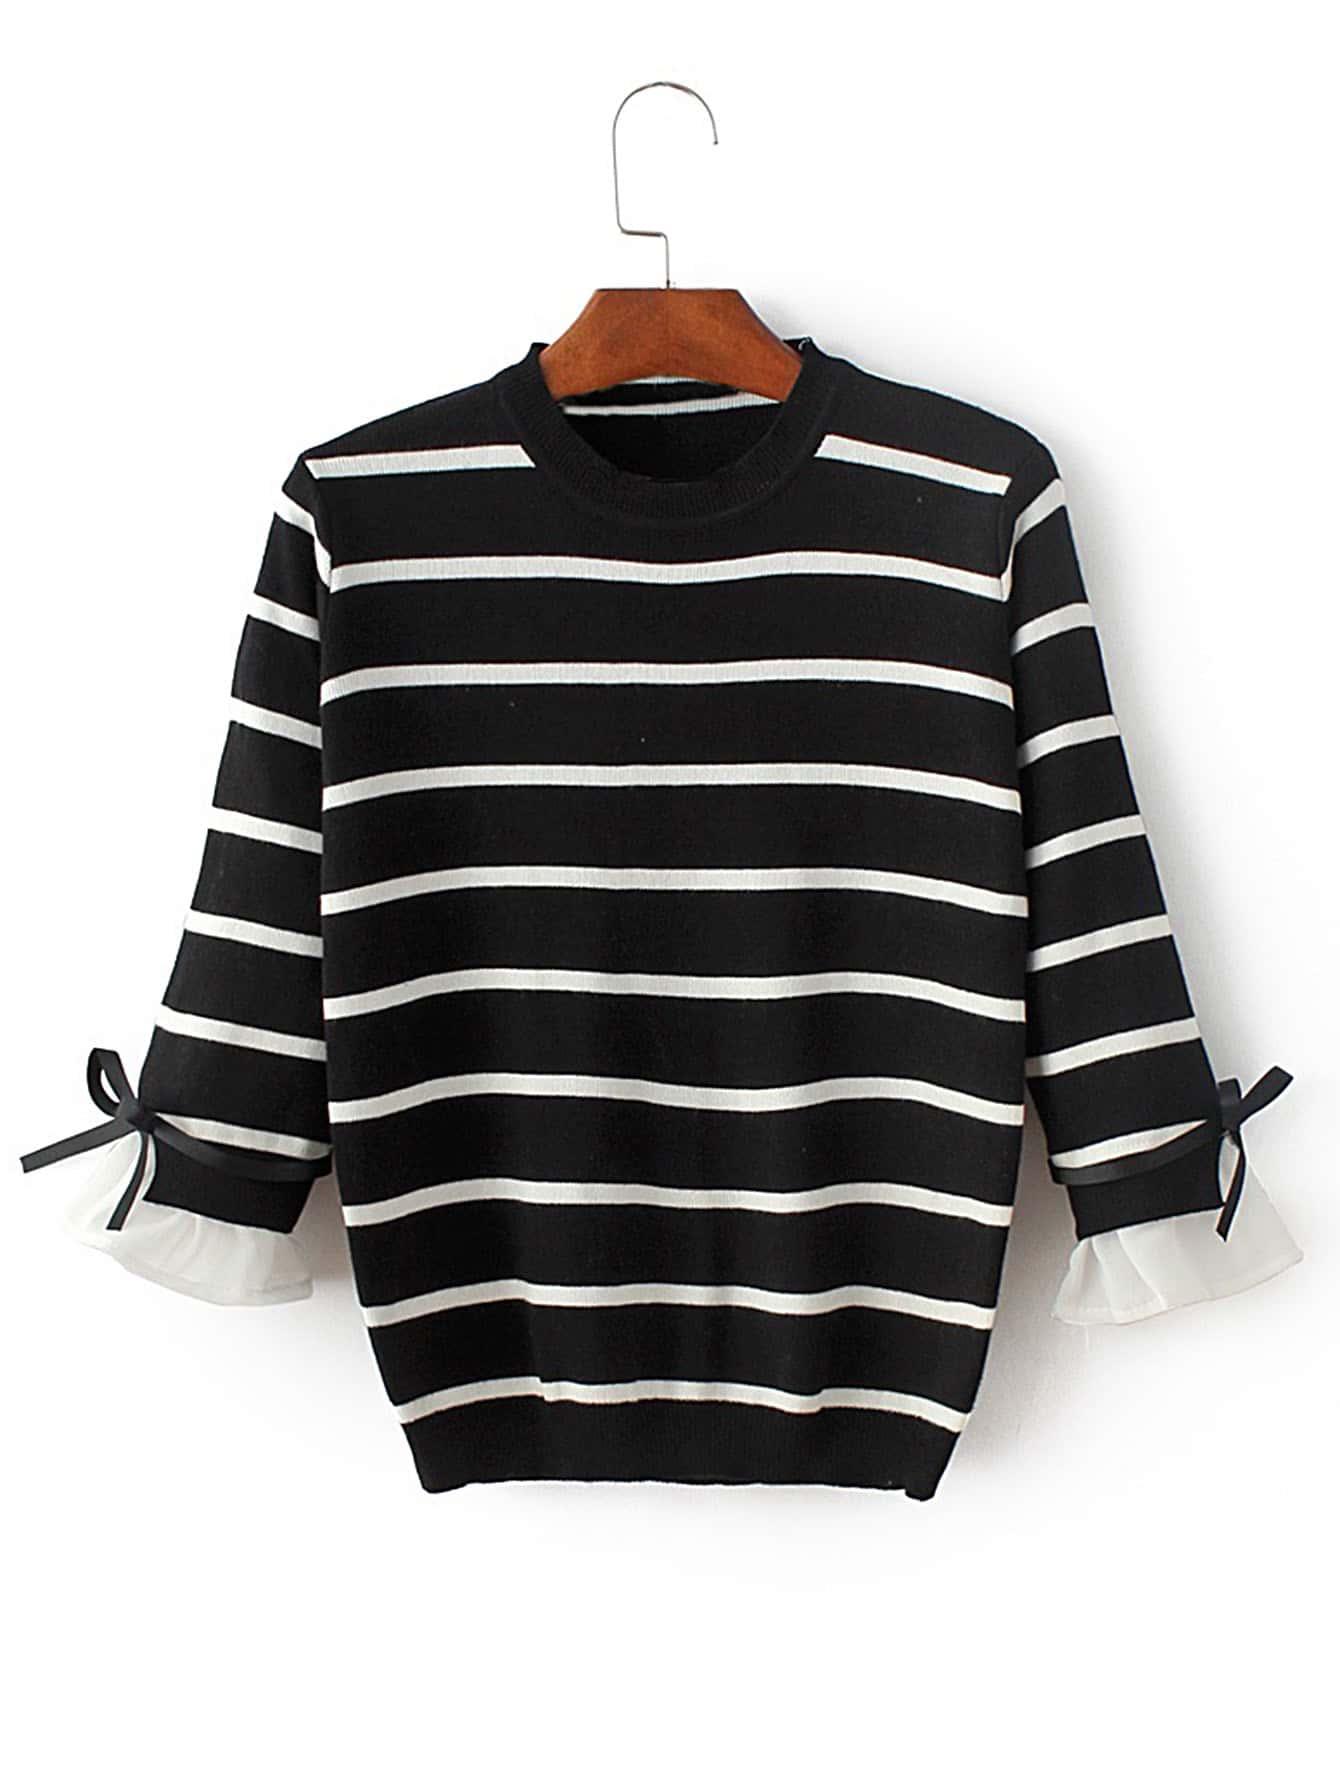 Contrast Cuff Tie Detail Knitwear sweater170712201